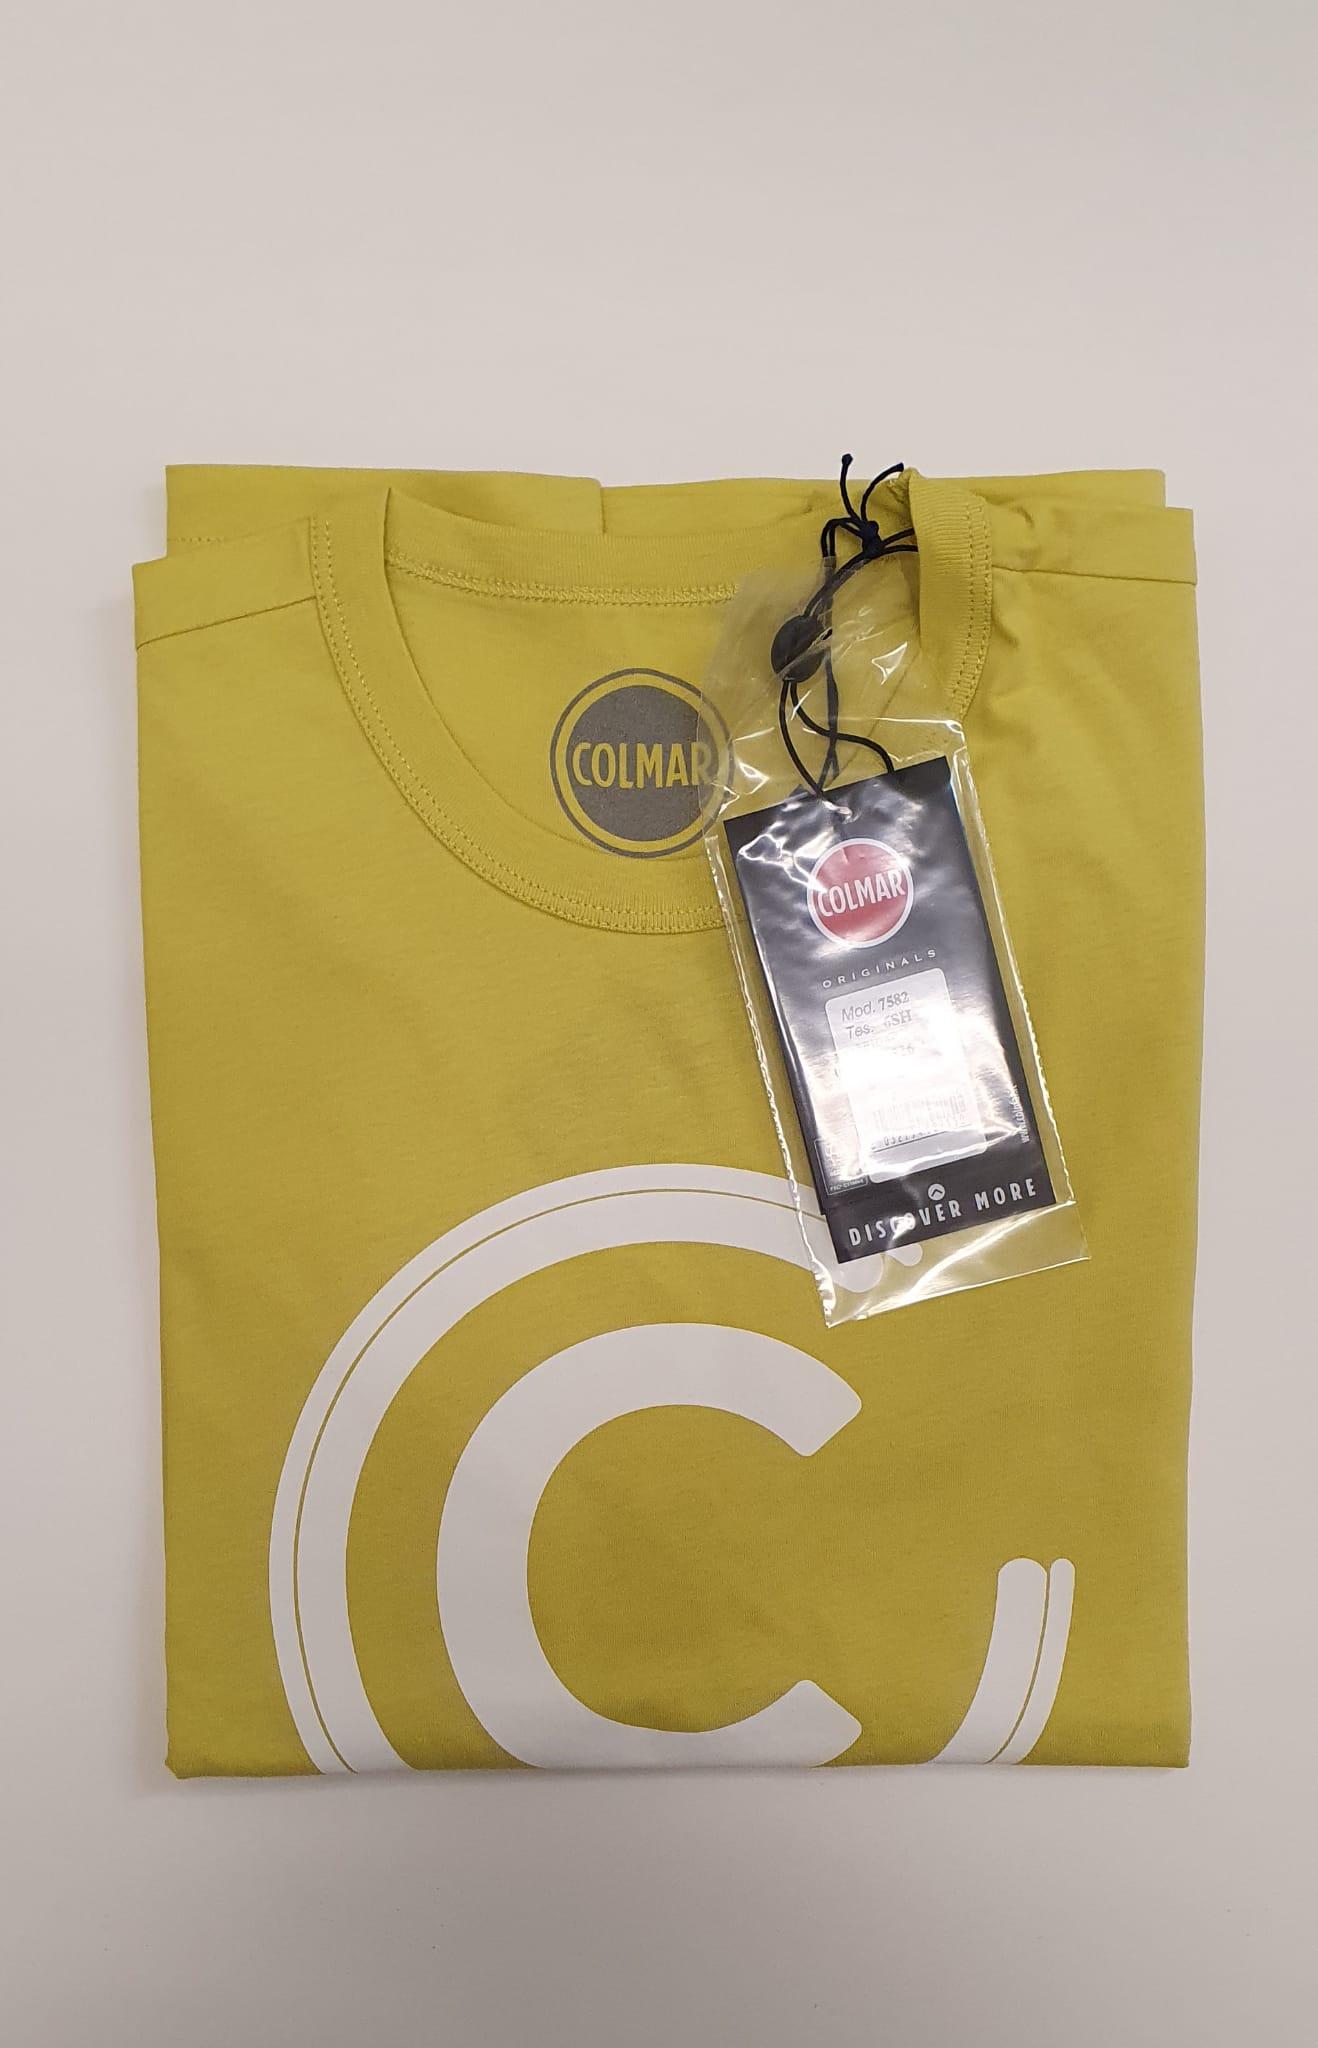 T-Shirt Colmar Uomo in Cotone Maxilogo Giallo